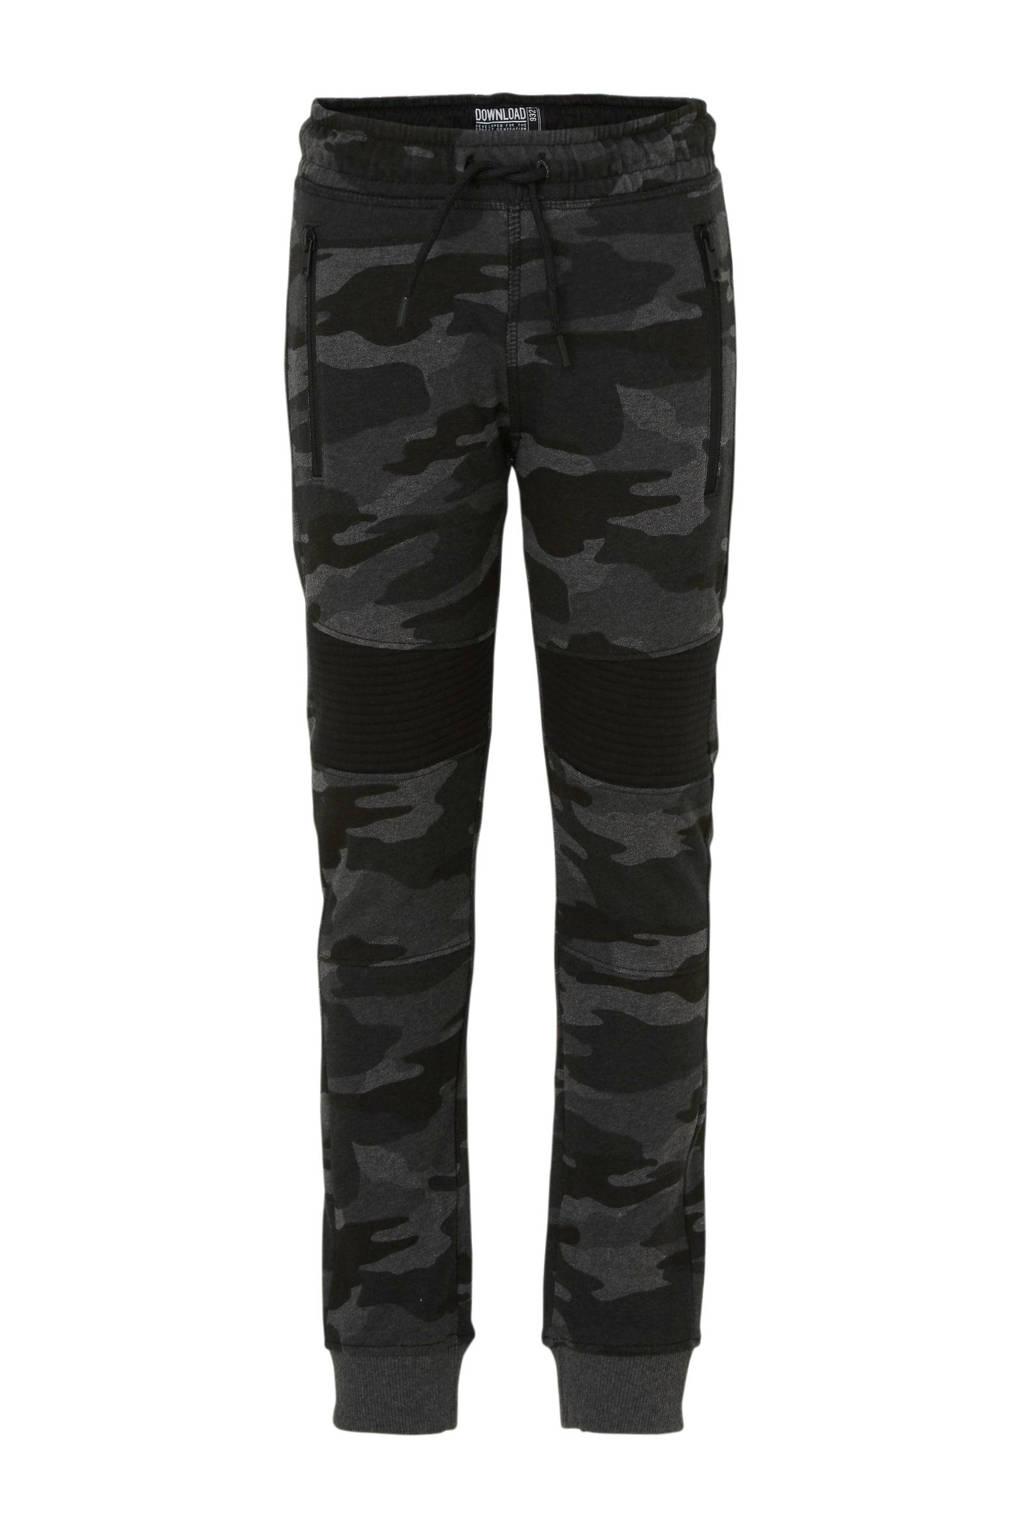 C&A Here & There skinny broek met camouflageprint grijs, Grijs